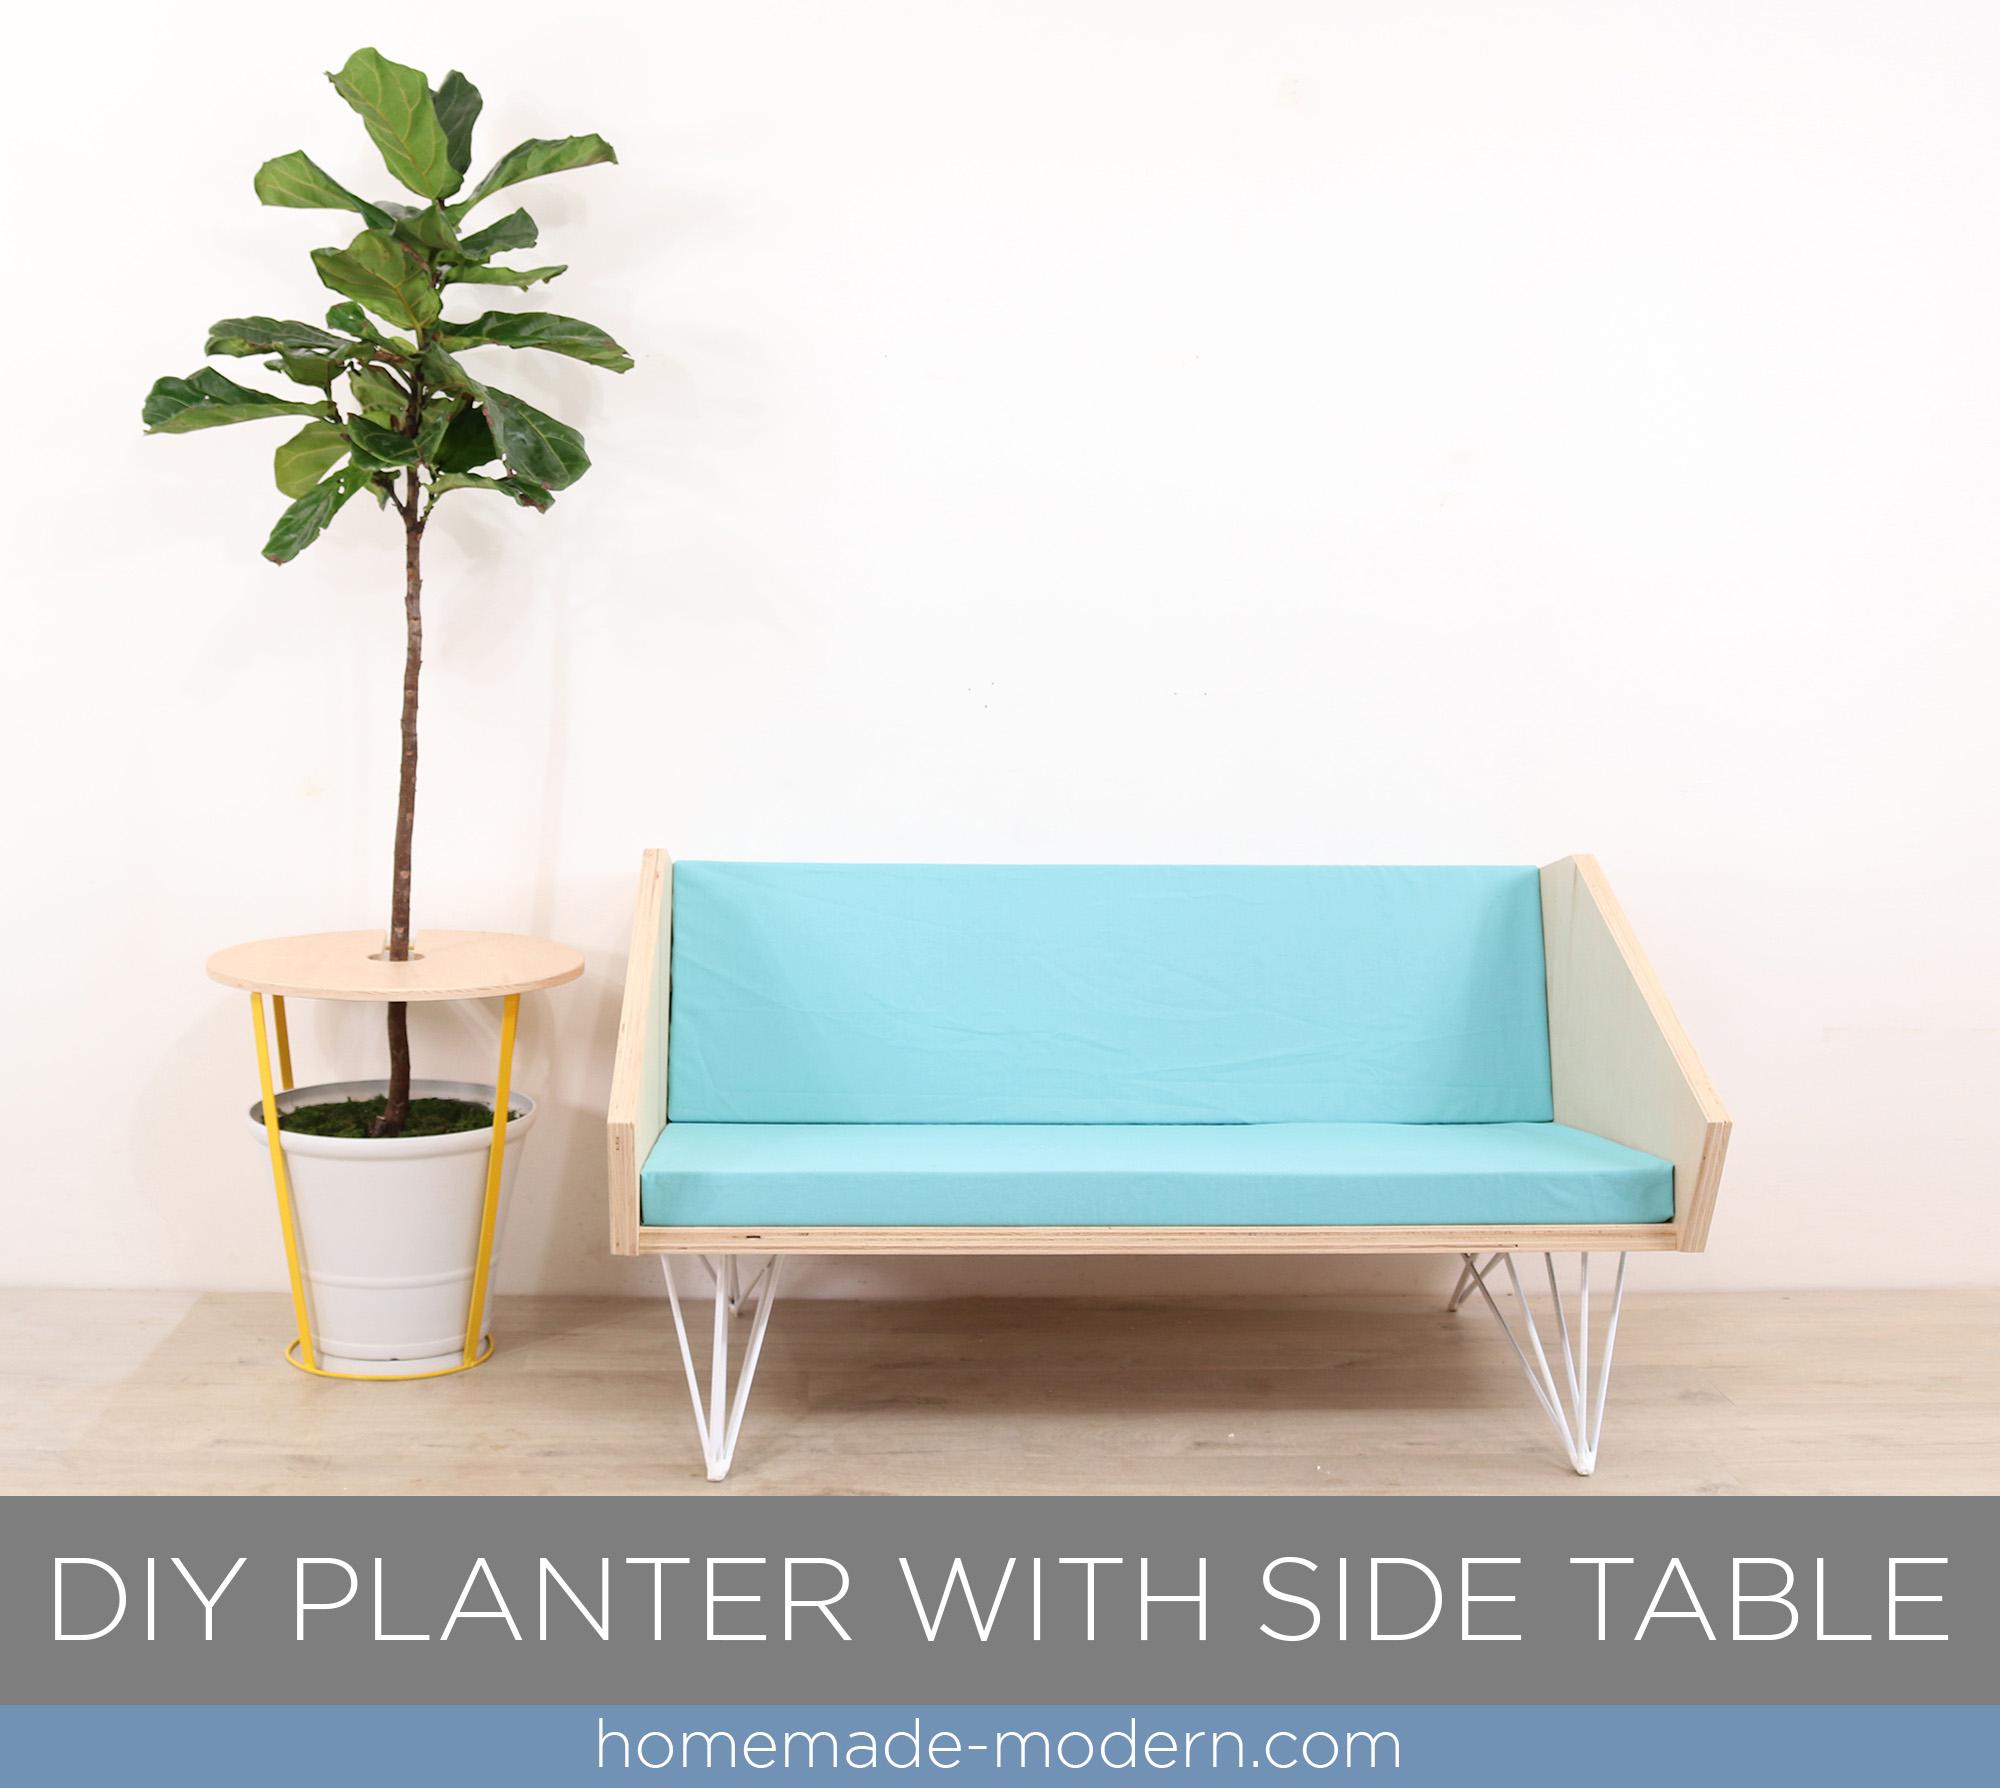 http://www.homemade-modern.com/wp-content/uploads/2019/05/plantersidetable-banner.jpg